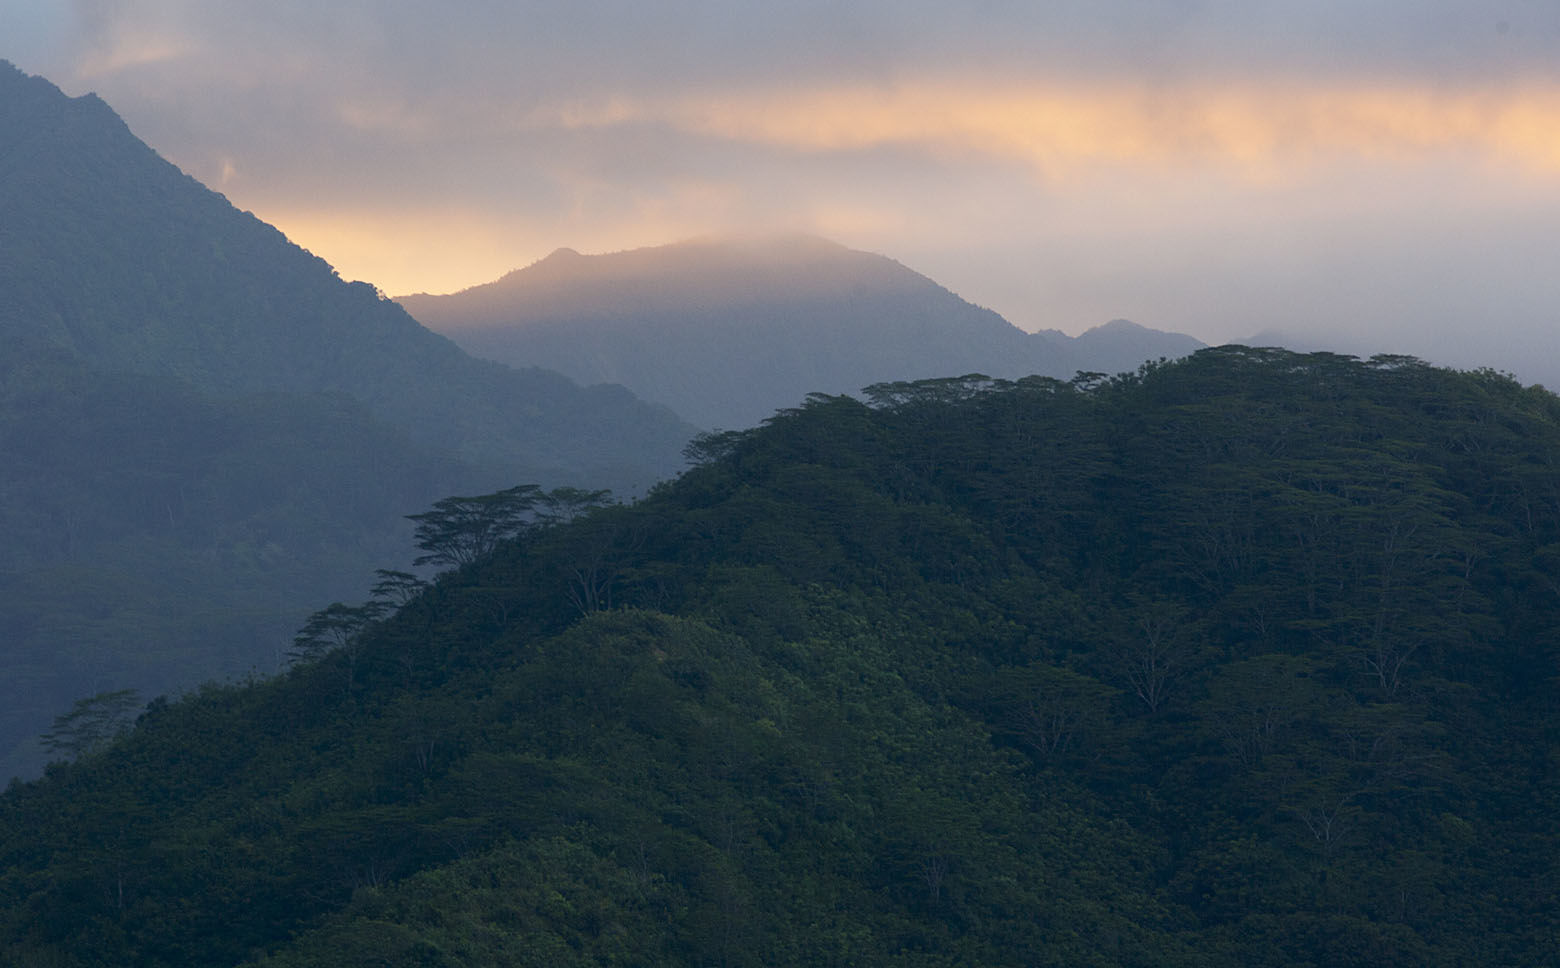 The sun sets behind mountains near Kaneohe, Hawaii, Monday, May 4, 2015. (AP Photo/Caleb Jones)